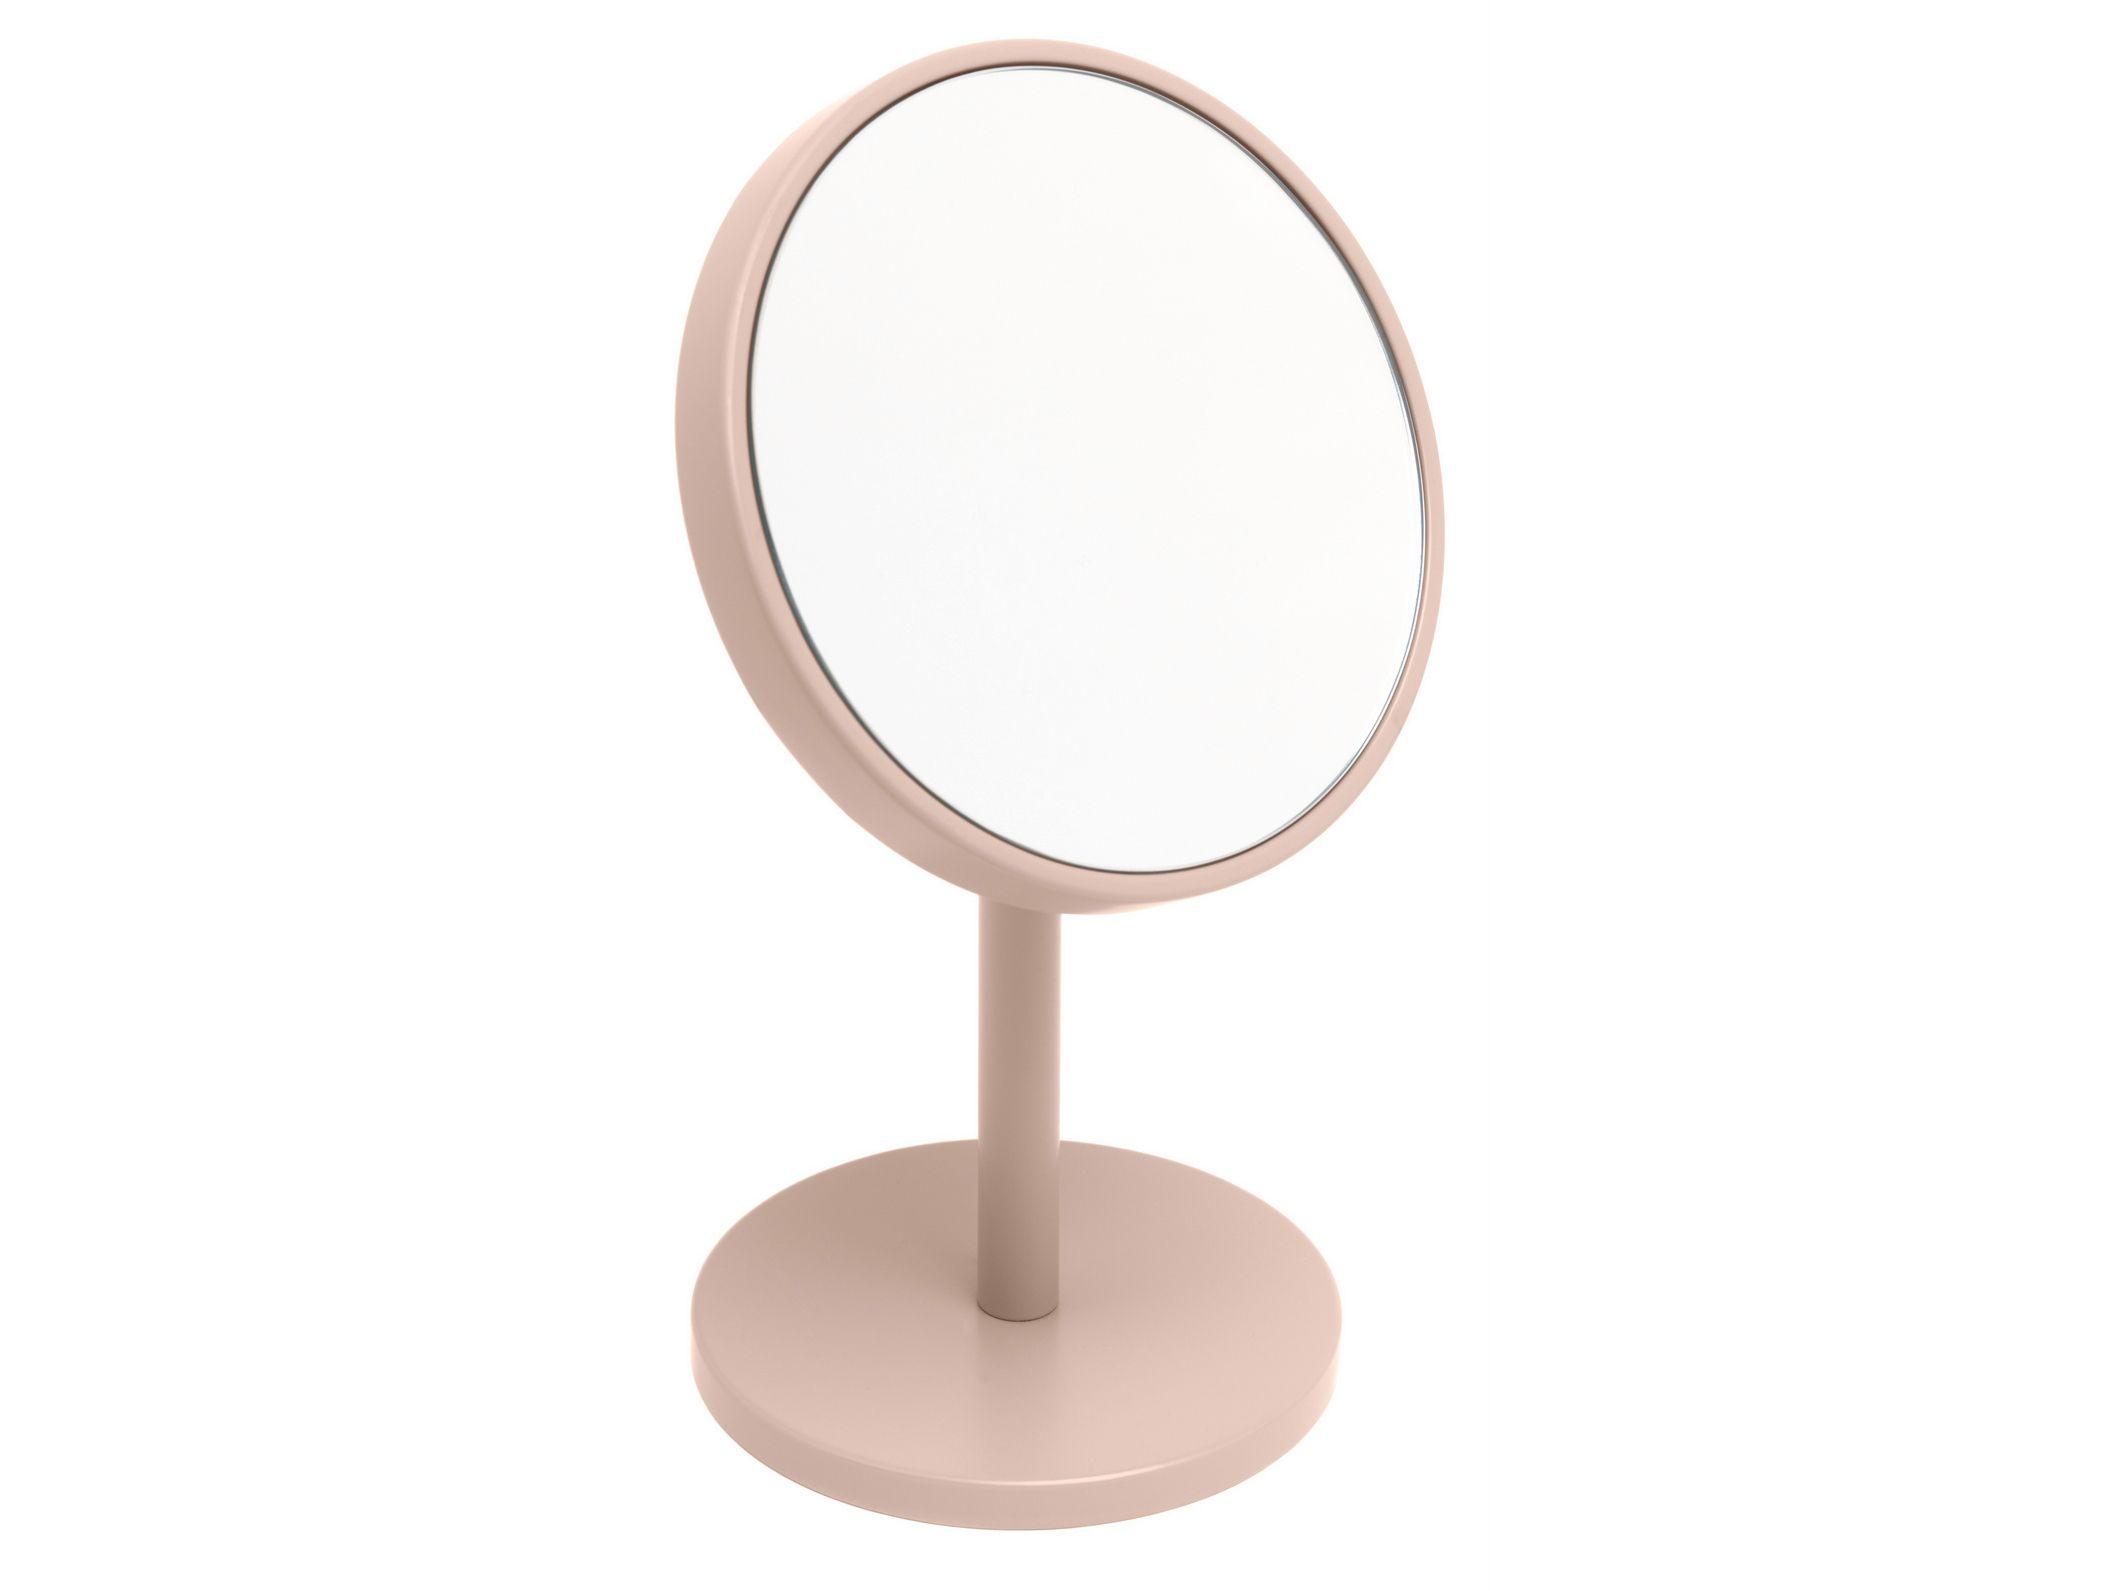 Miroir grossissant rond poser beauty by sch nbuch design for Miroir grossissant